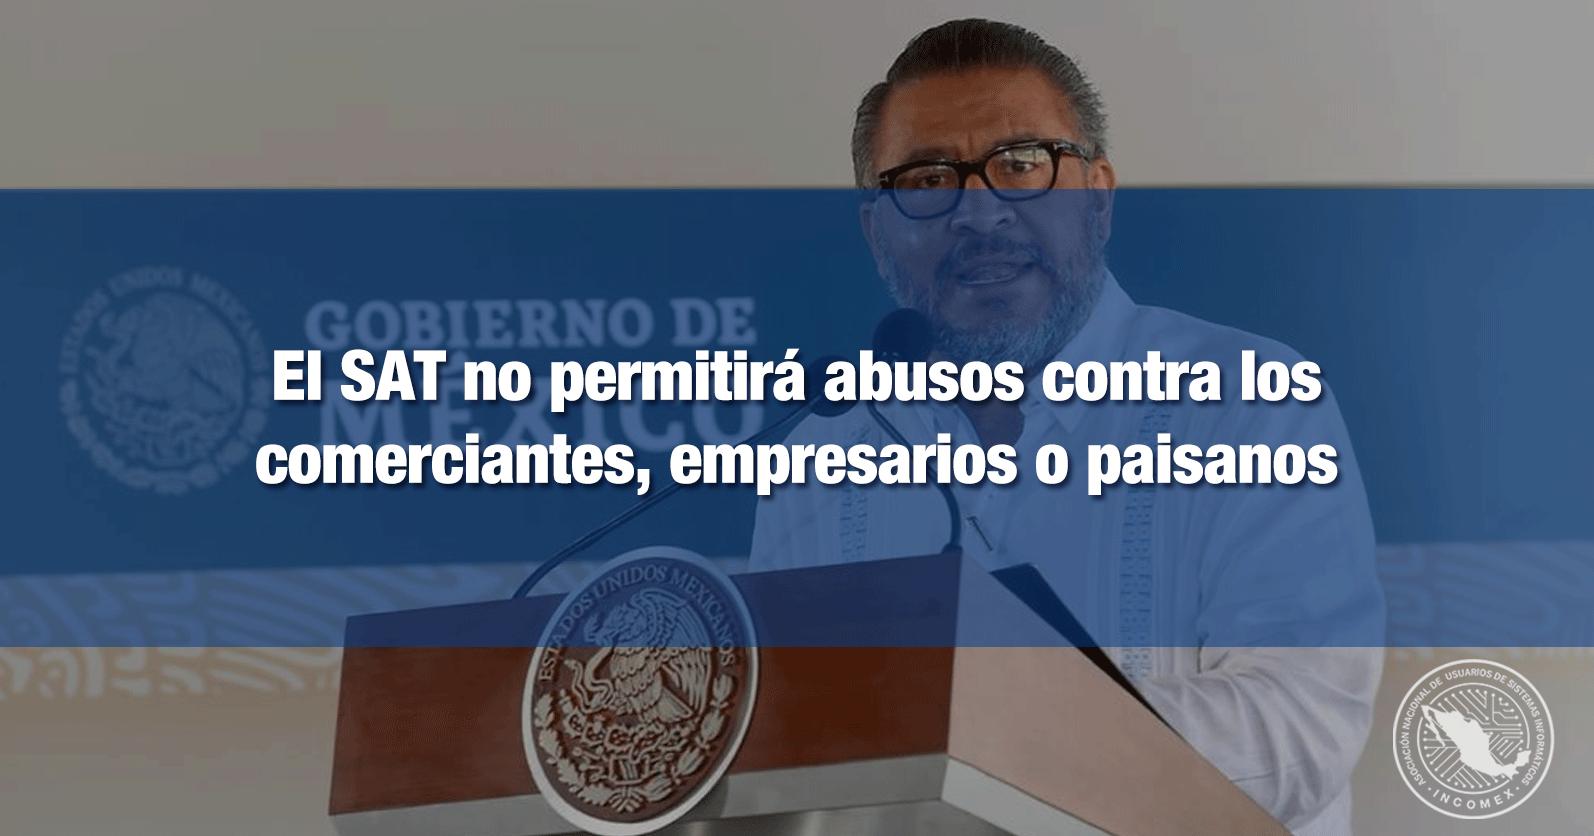 El SAT no permitirá abusos contra los comerciantes, empresarios o paisanos